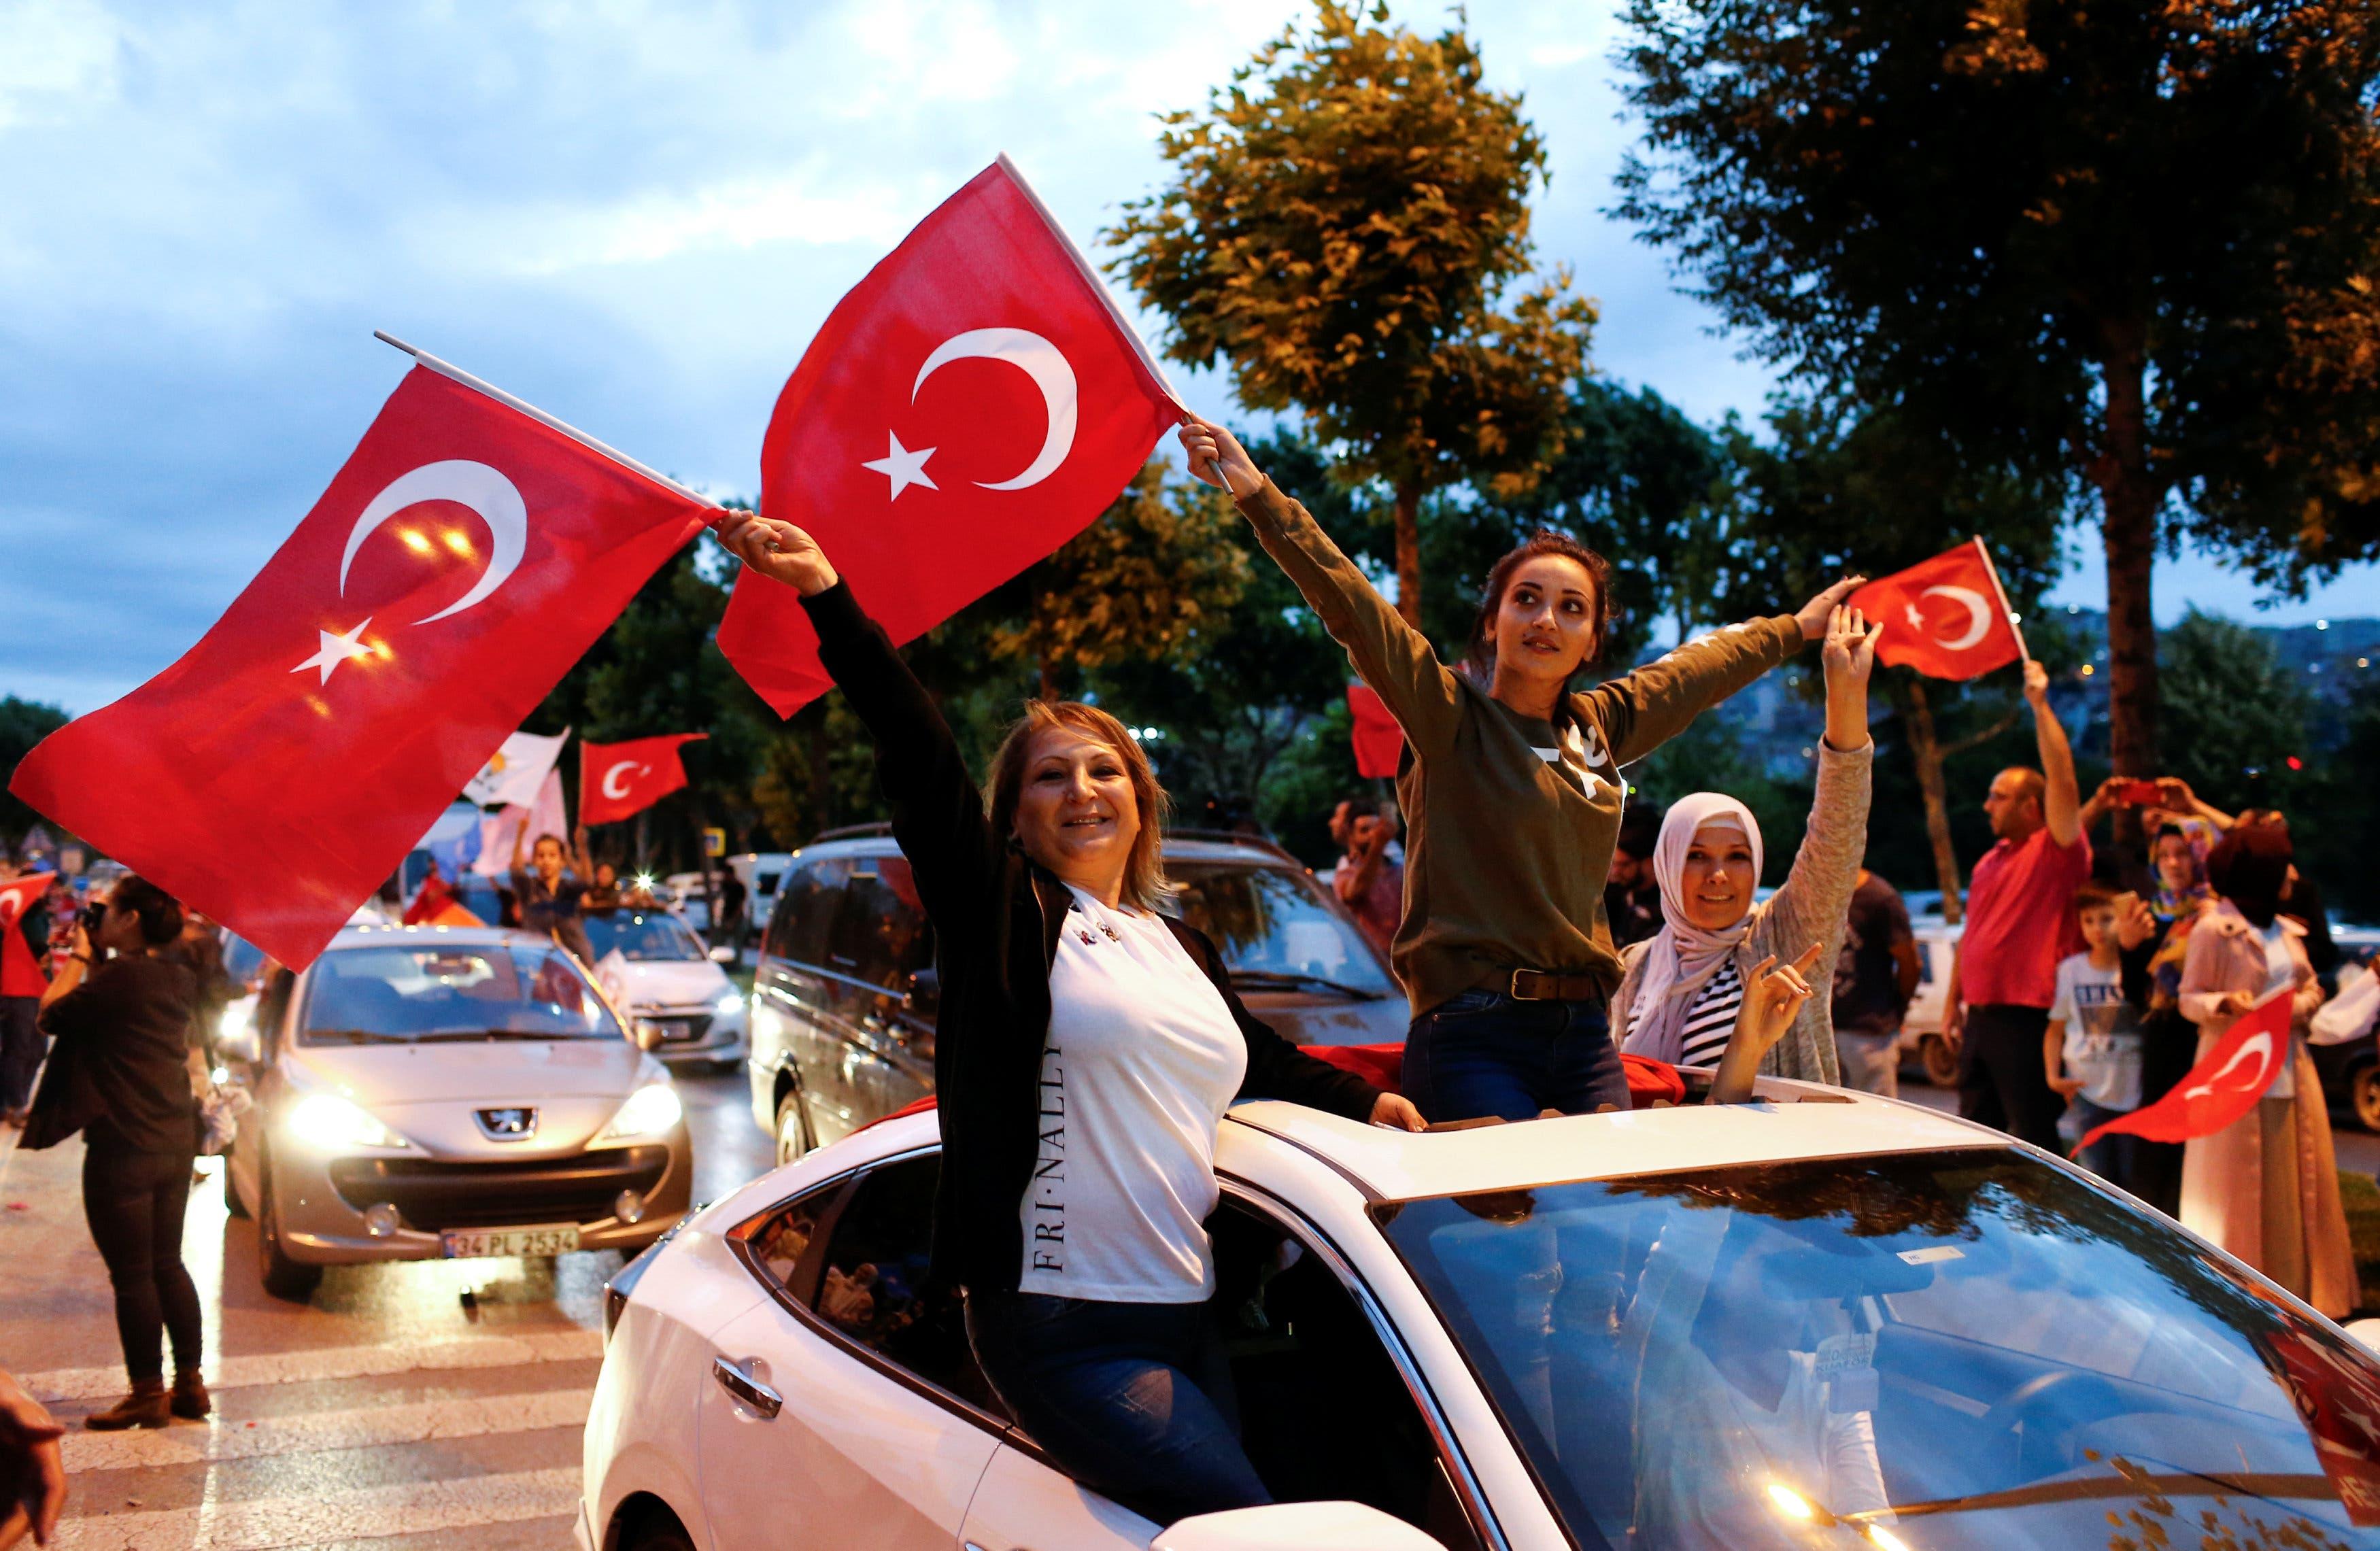 اردوغان: على اميركا واوربا ان تقف عن حدودهما    البوابة